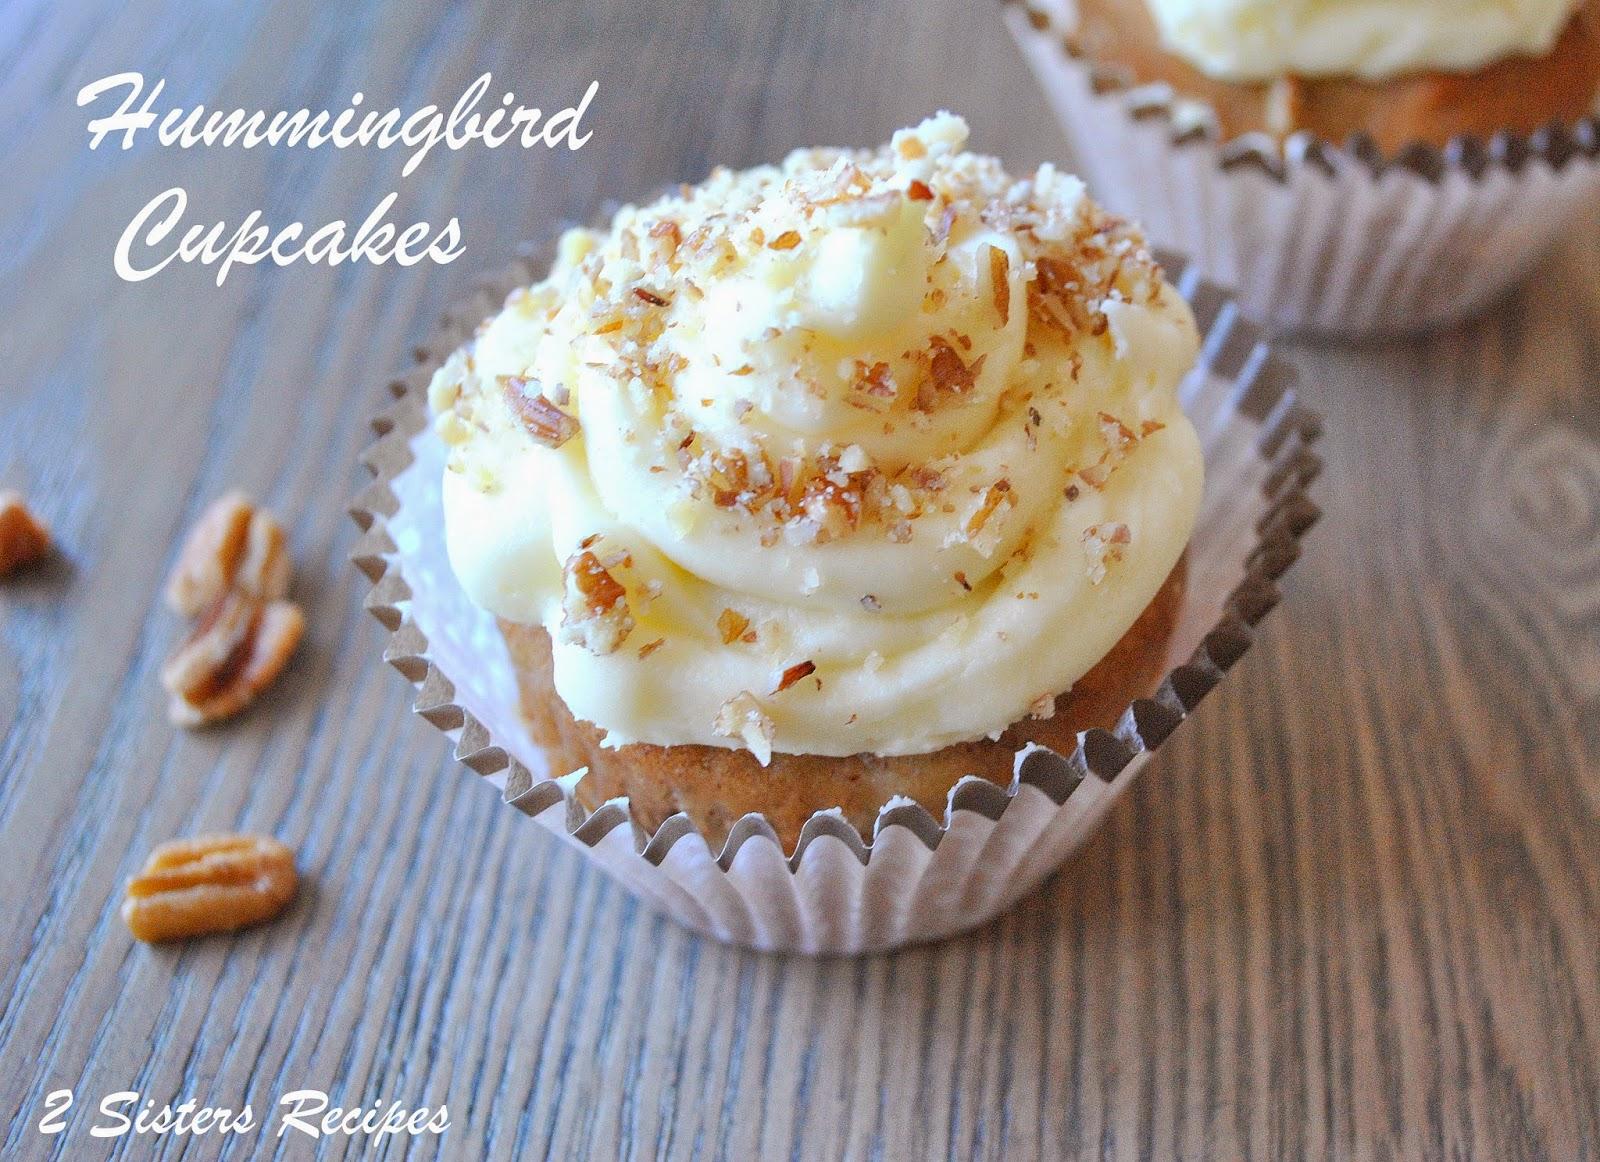 Hummingbird Cupcakes!